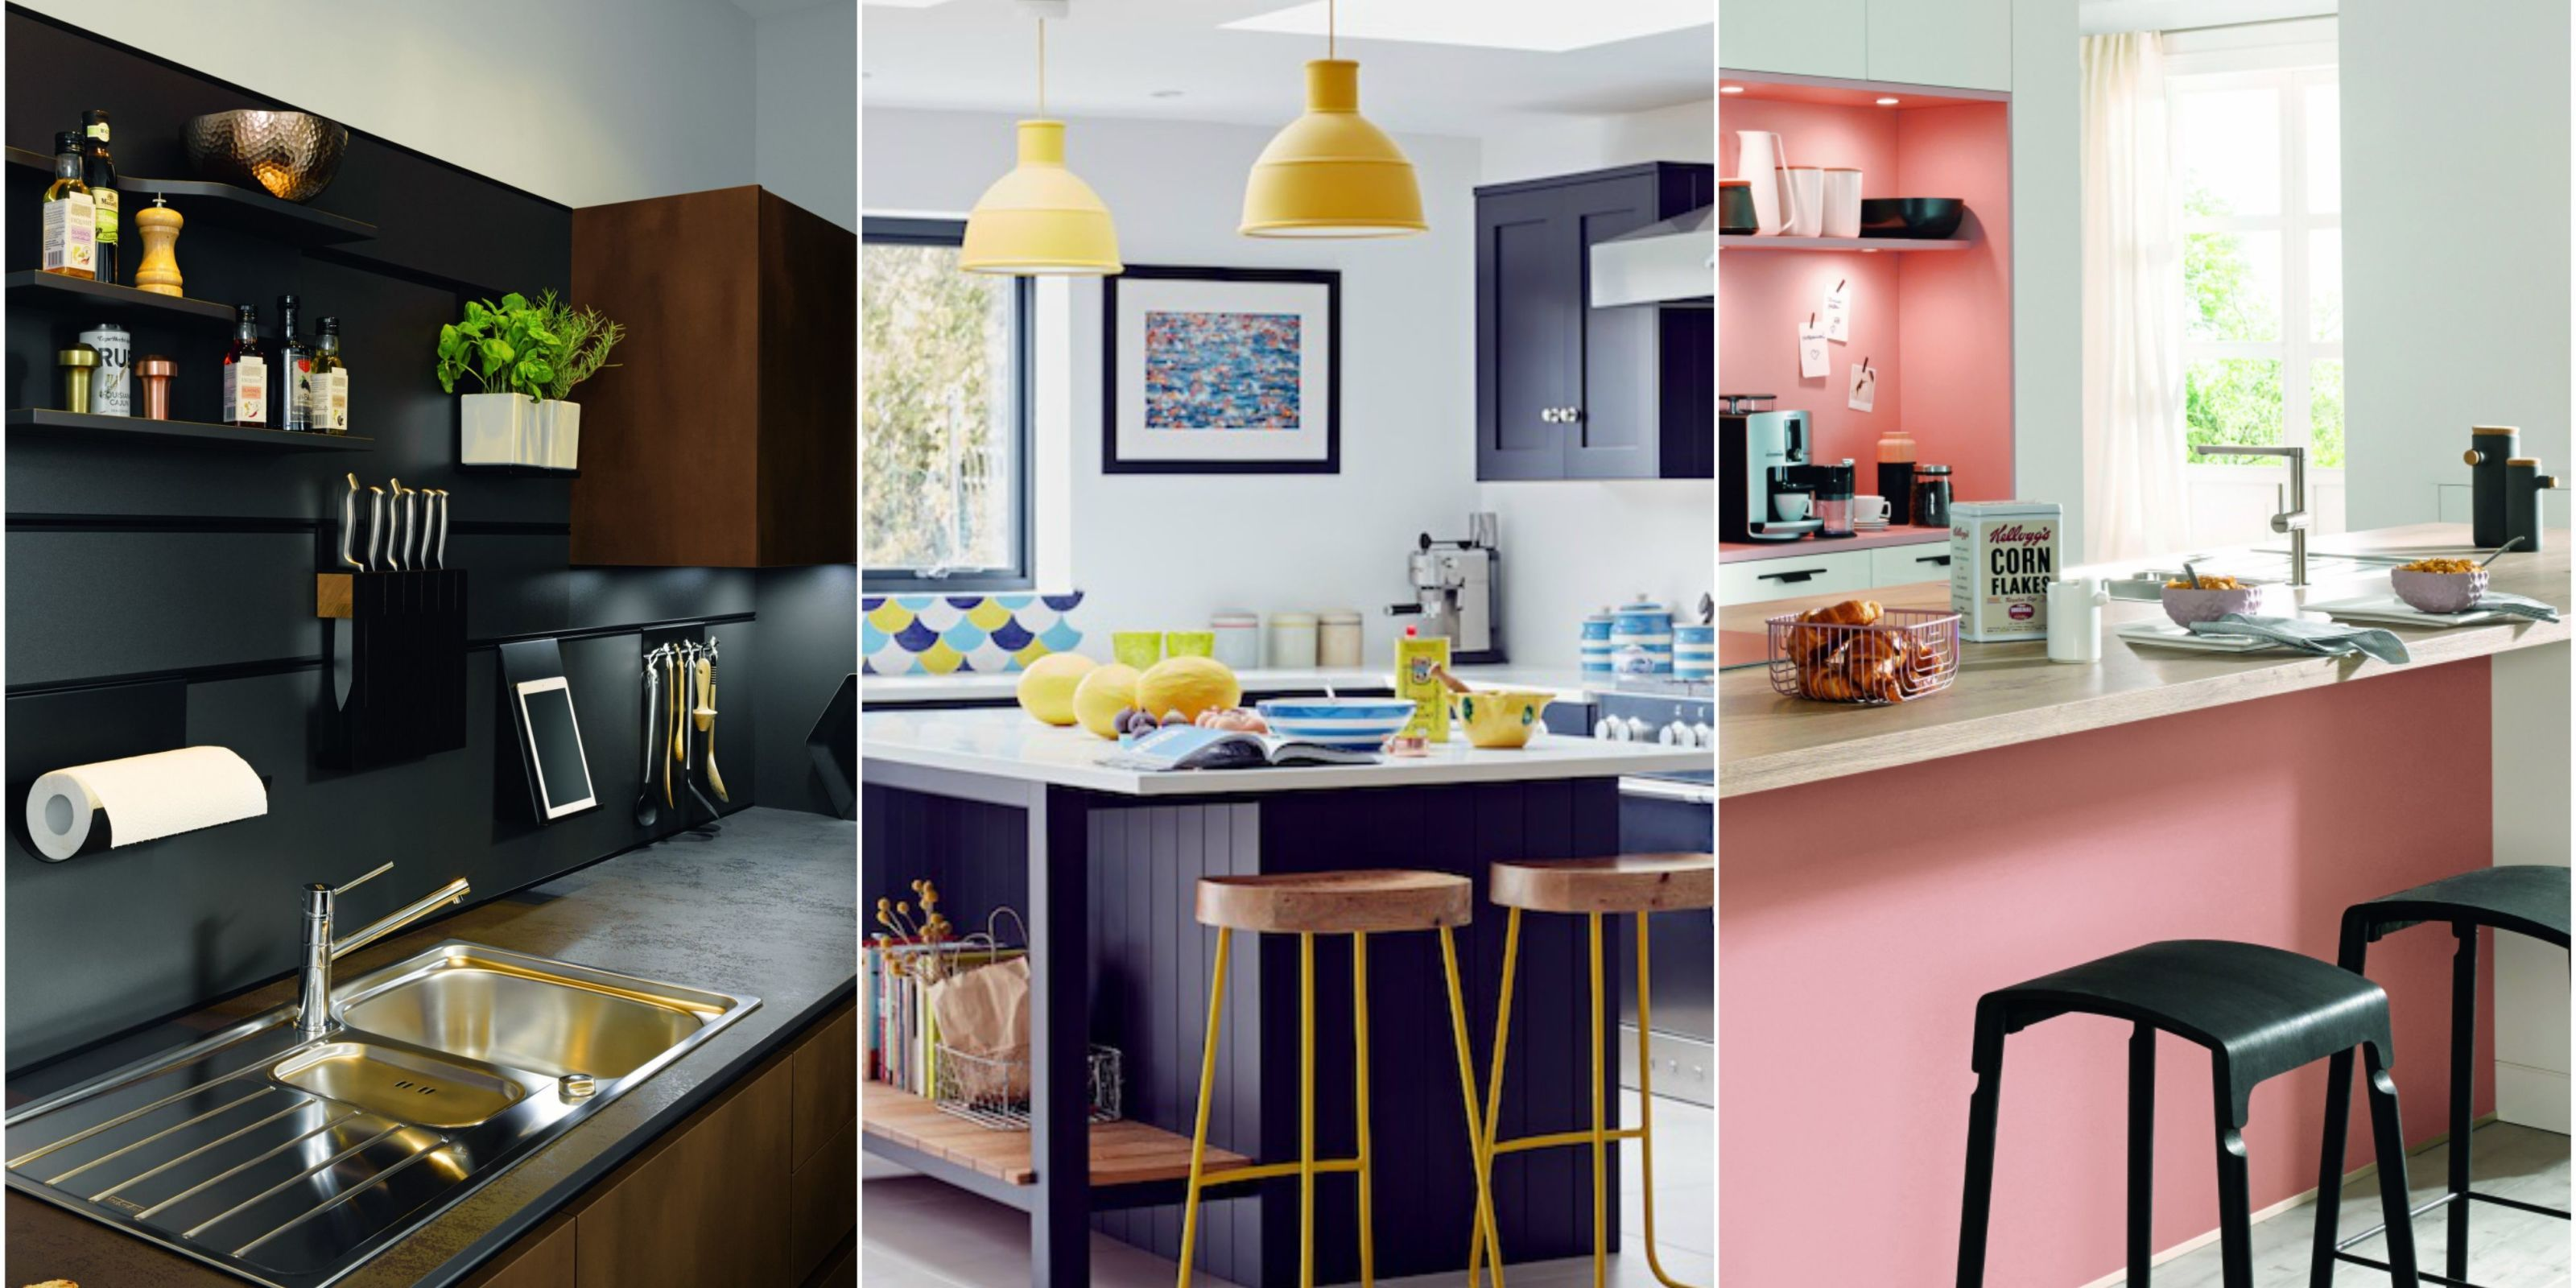 Modest Kitchen Design Concept